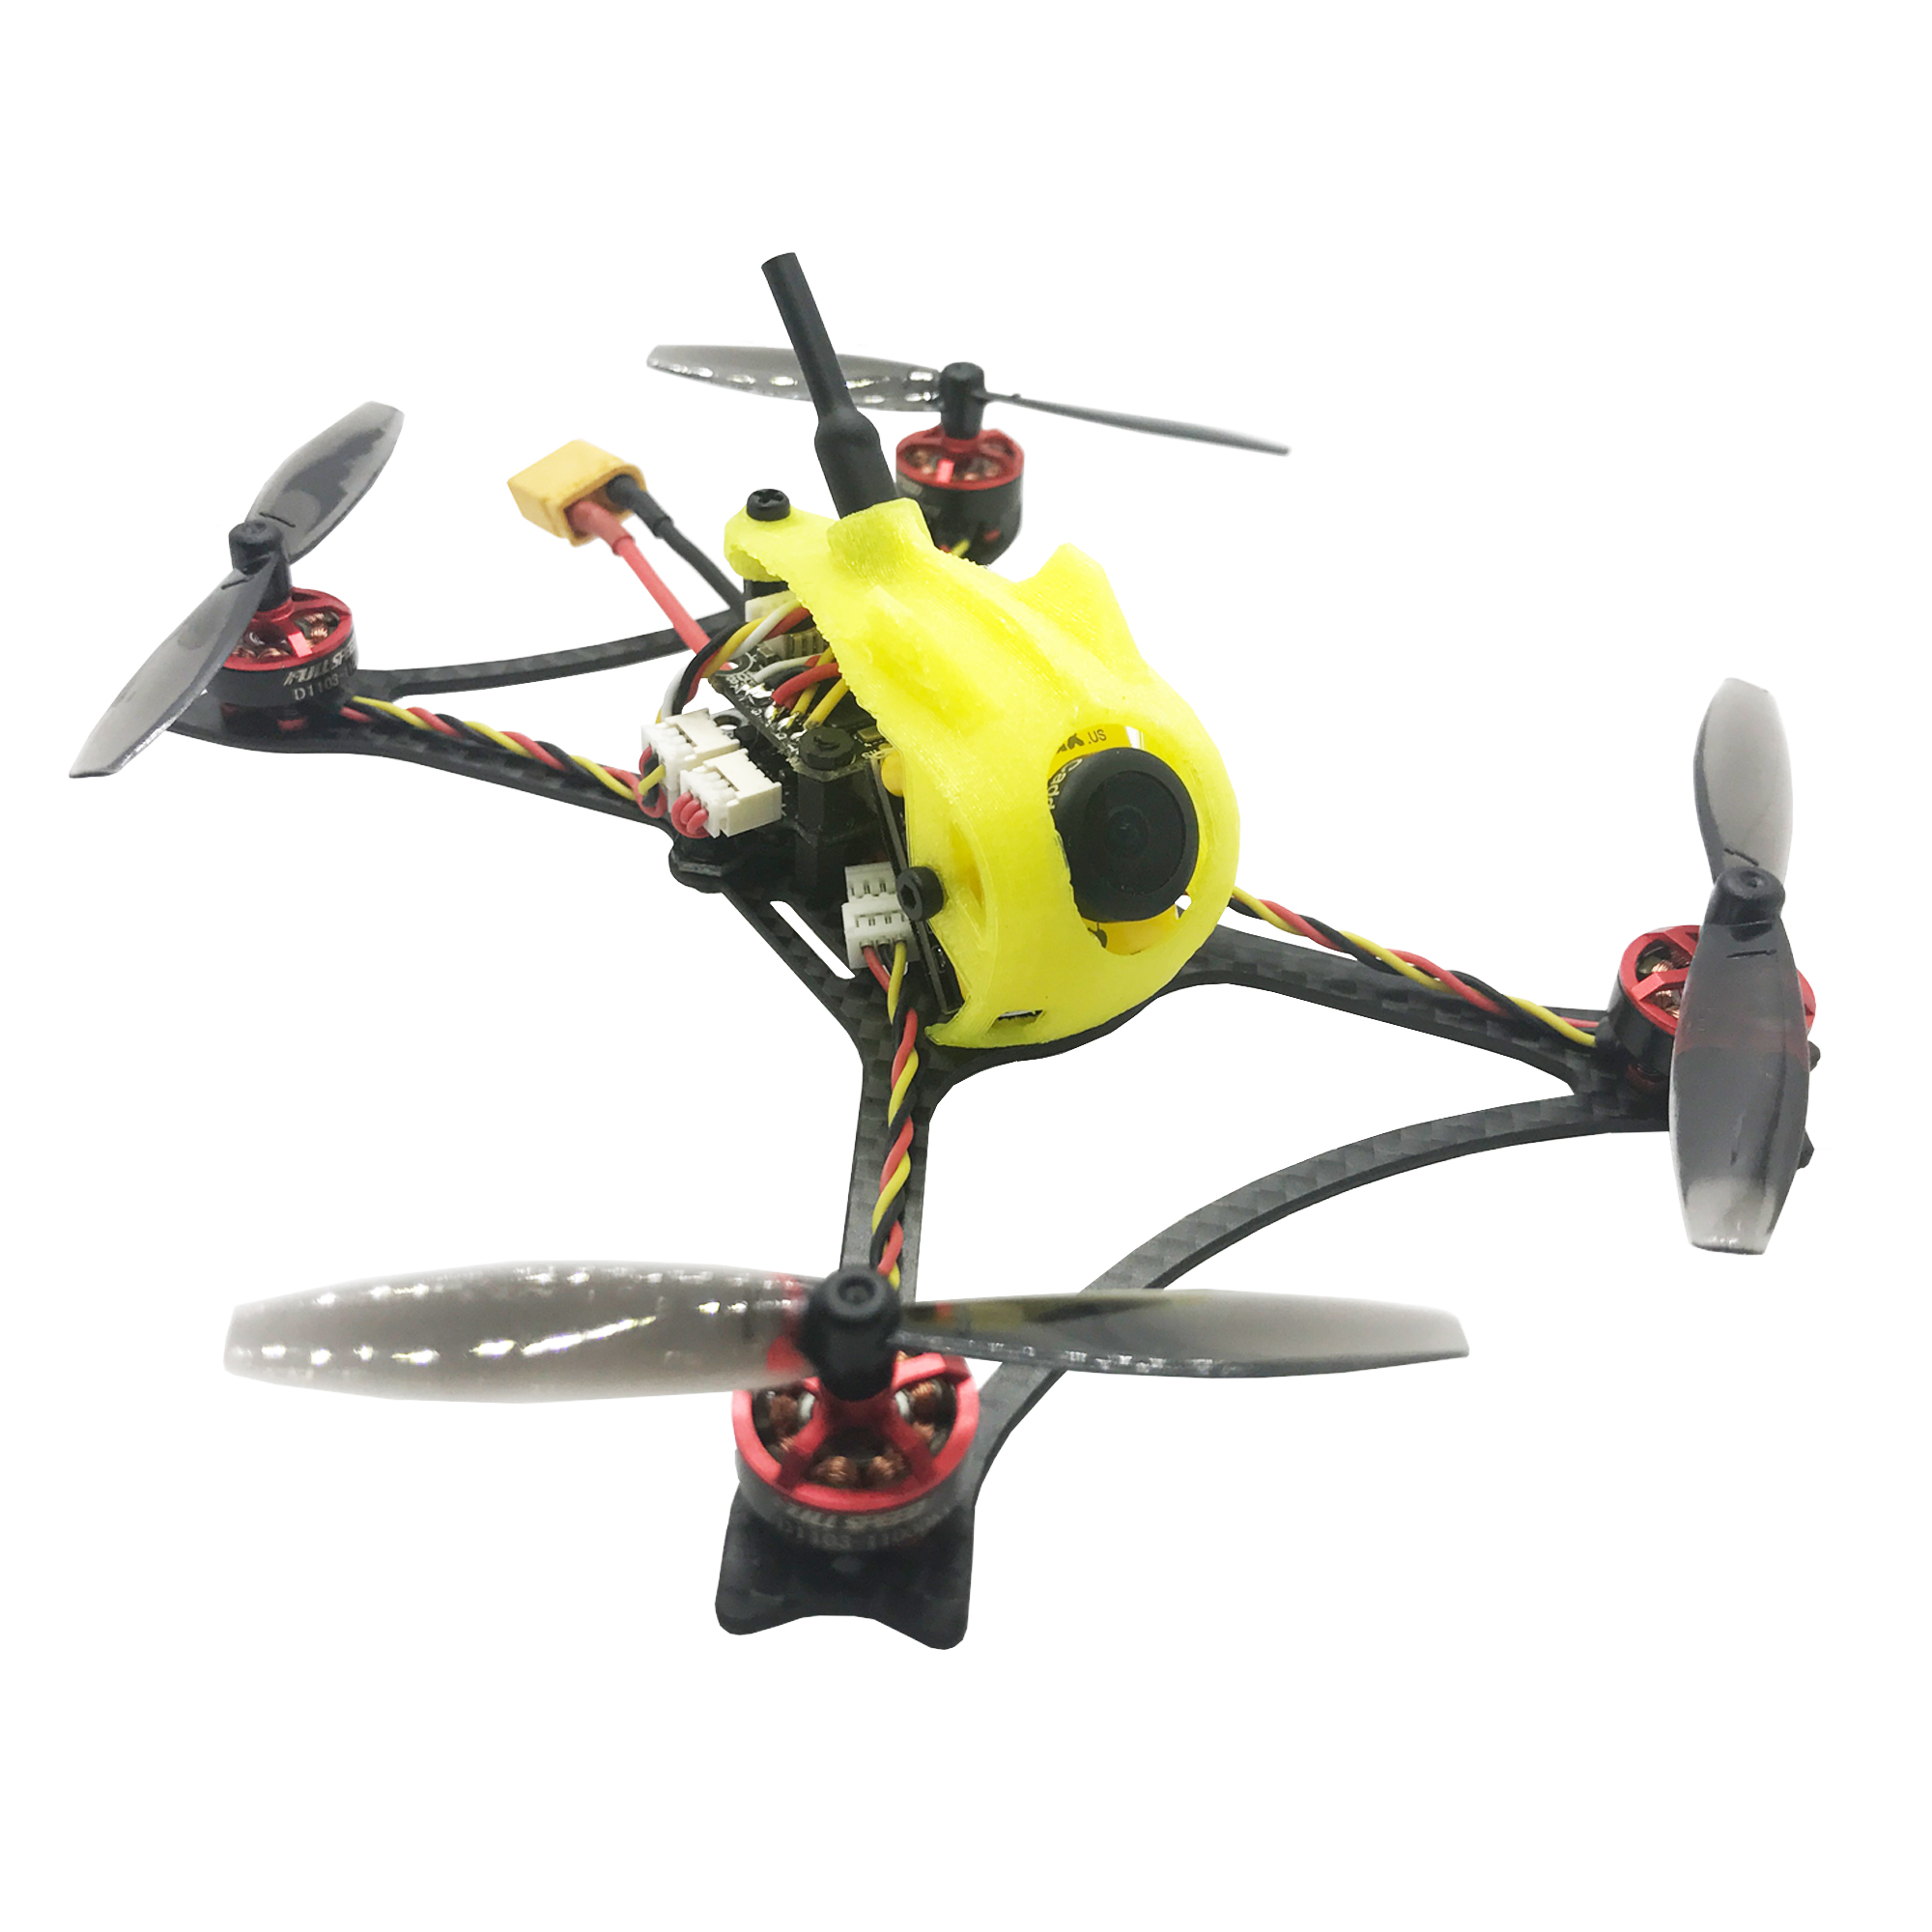 FullSpeed Toothpick FPV Racing font b Drone b font 2 3S 1103 65mm prop 25 600mw